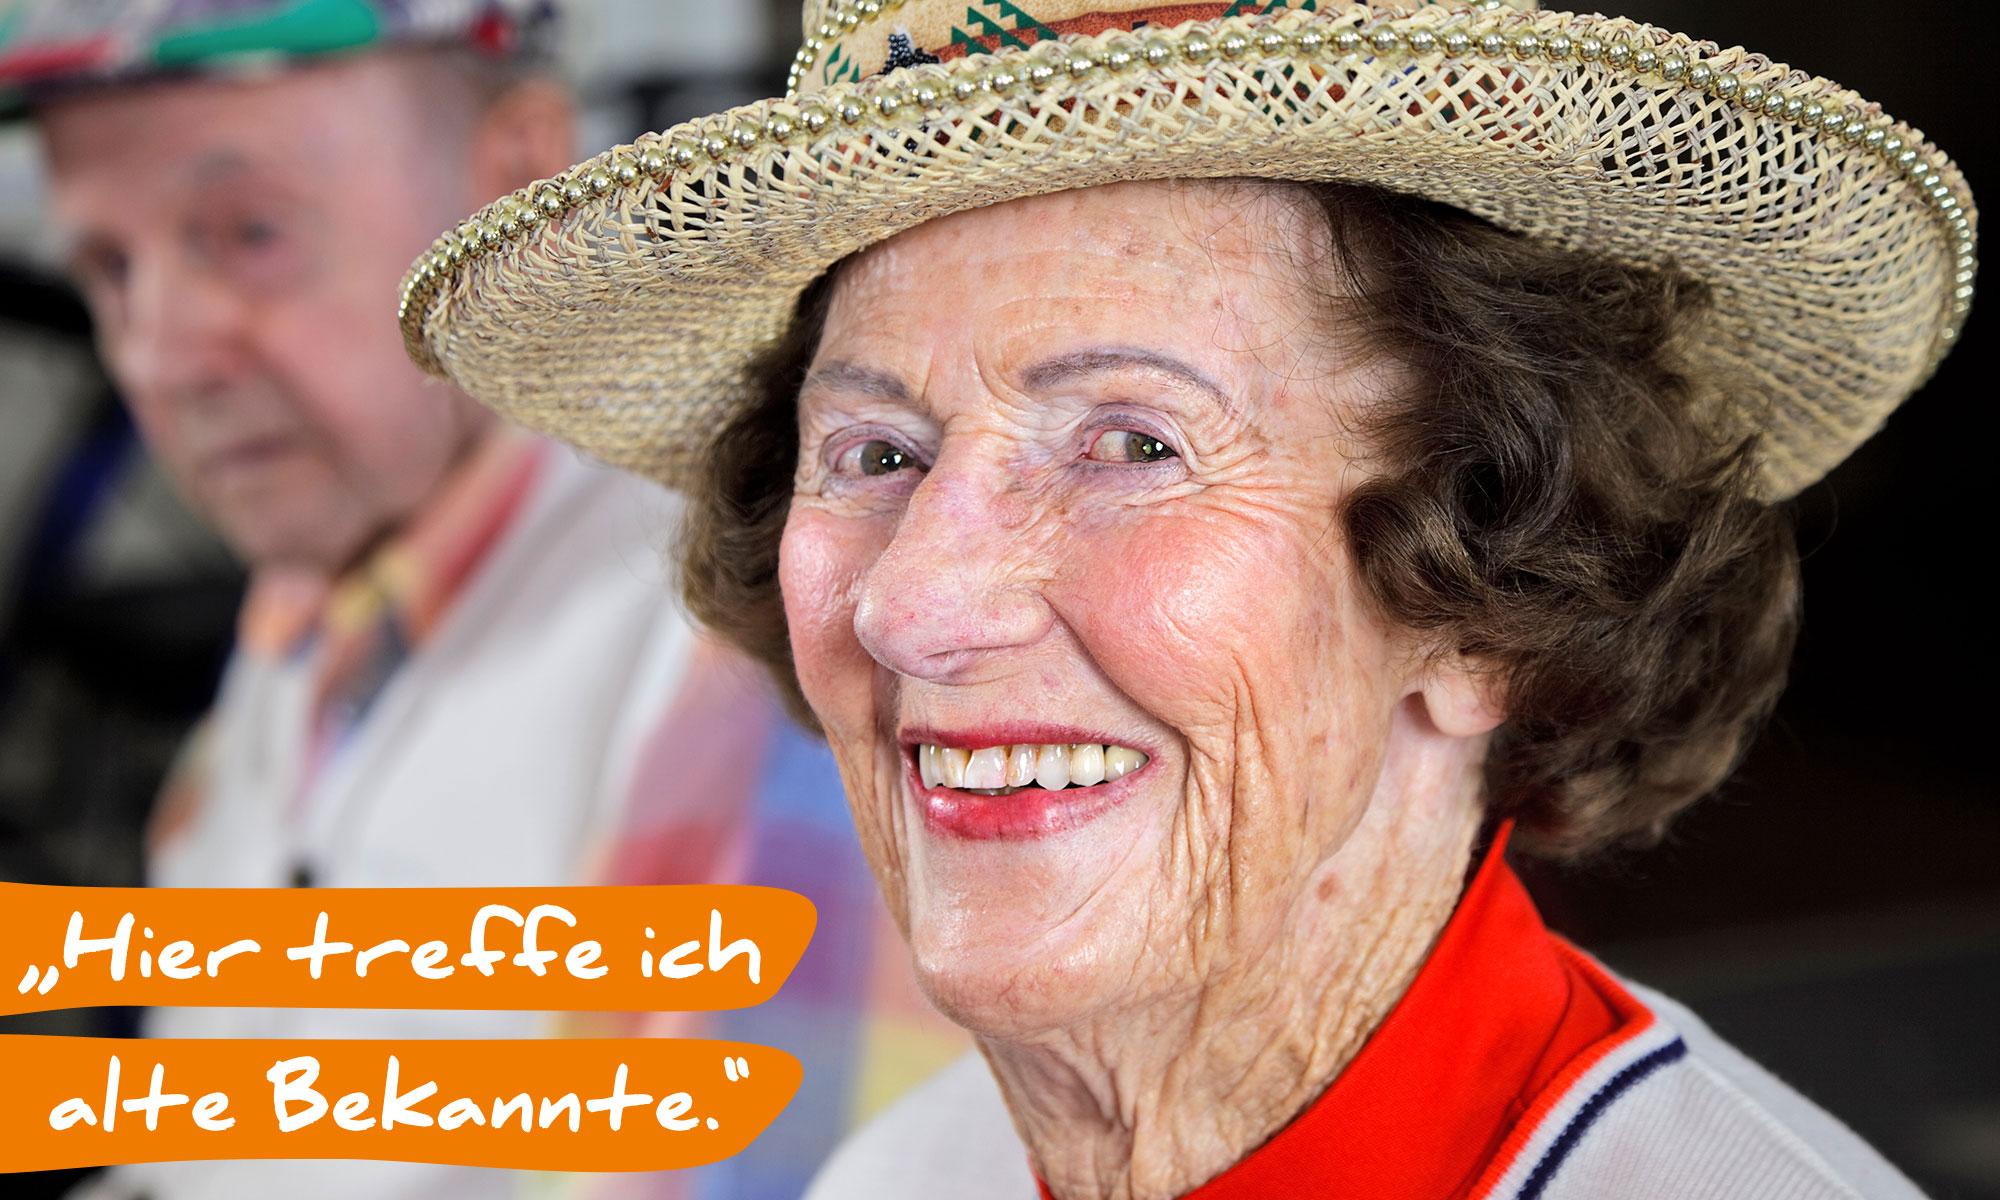 gutepflege-heidelberg_hier-treffe-ich-alte-bekannte_text